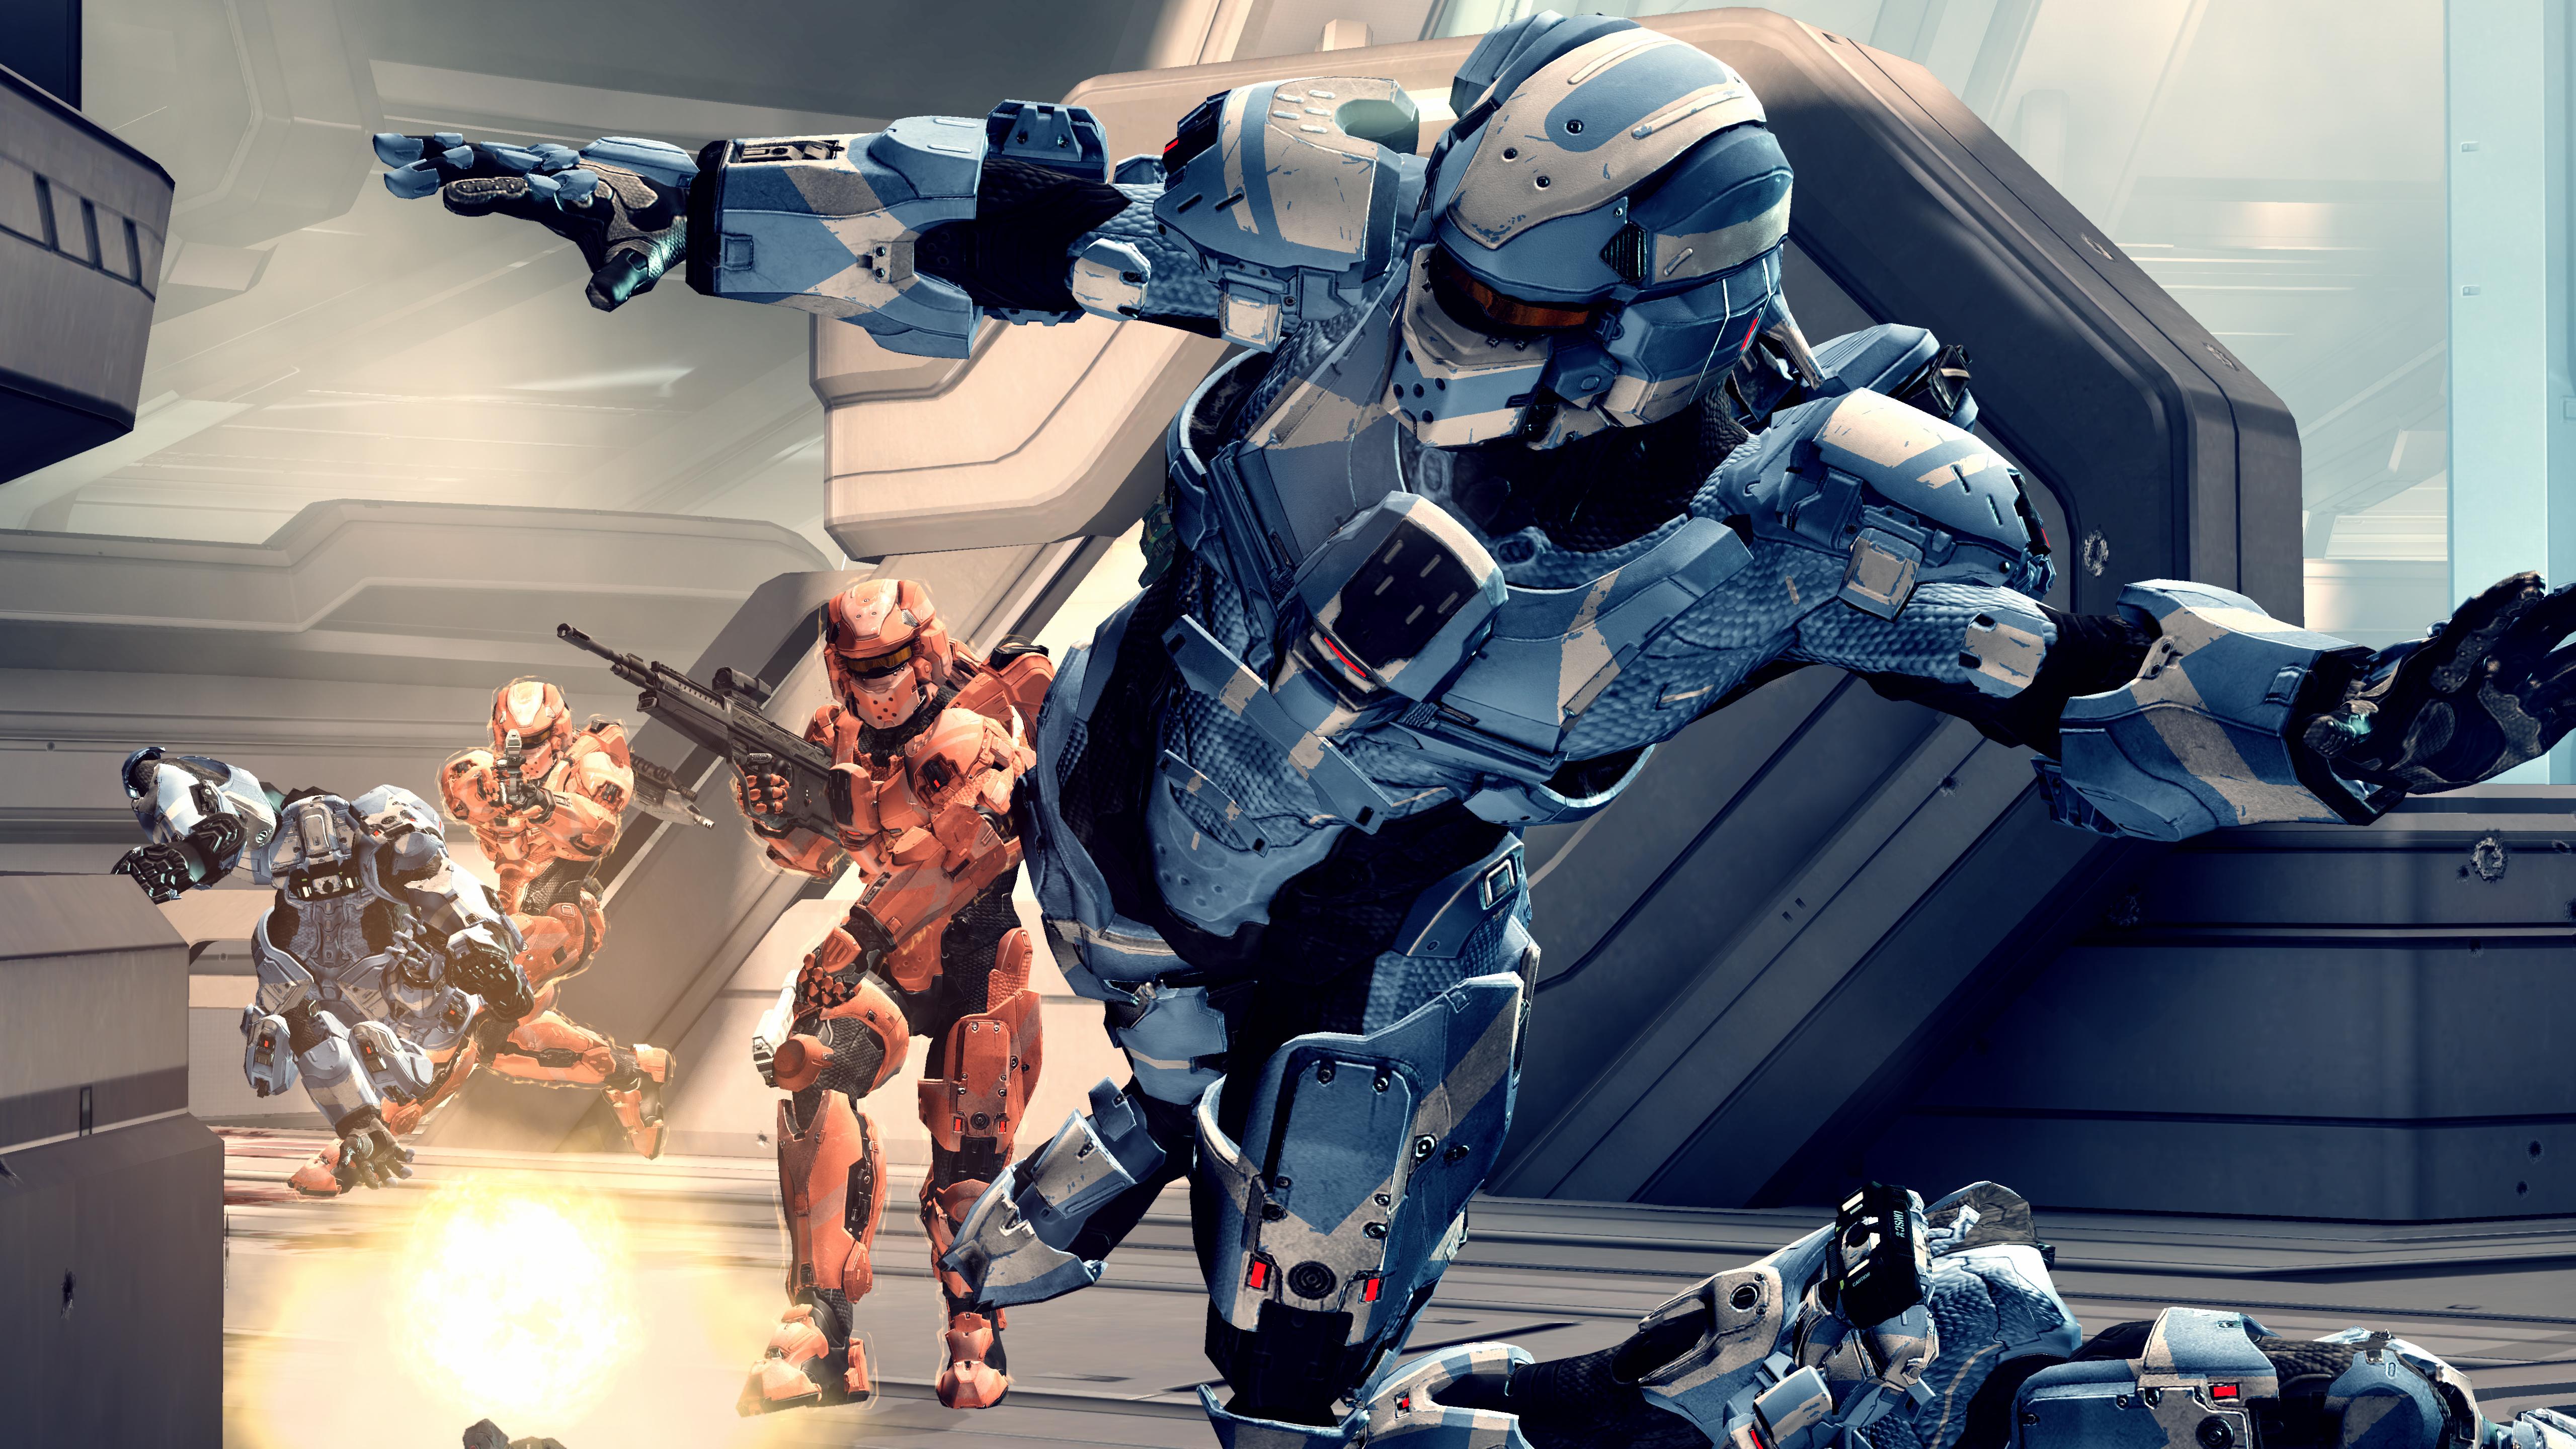 Multiplayer Halo Alpha FANDOM powered by Wikia 5120x2880